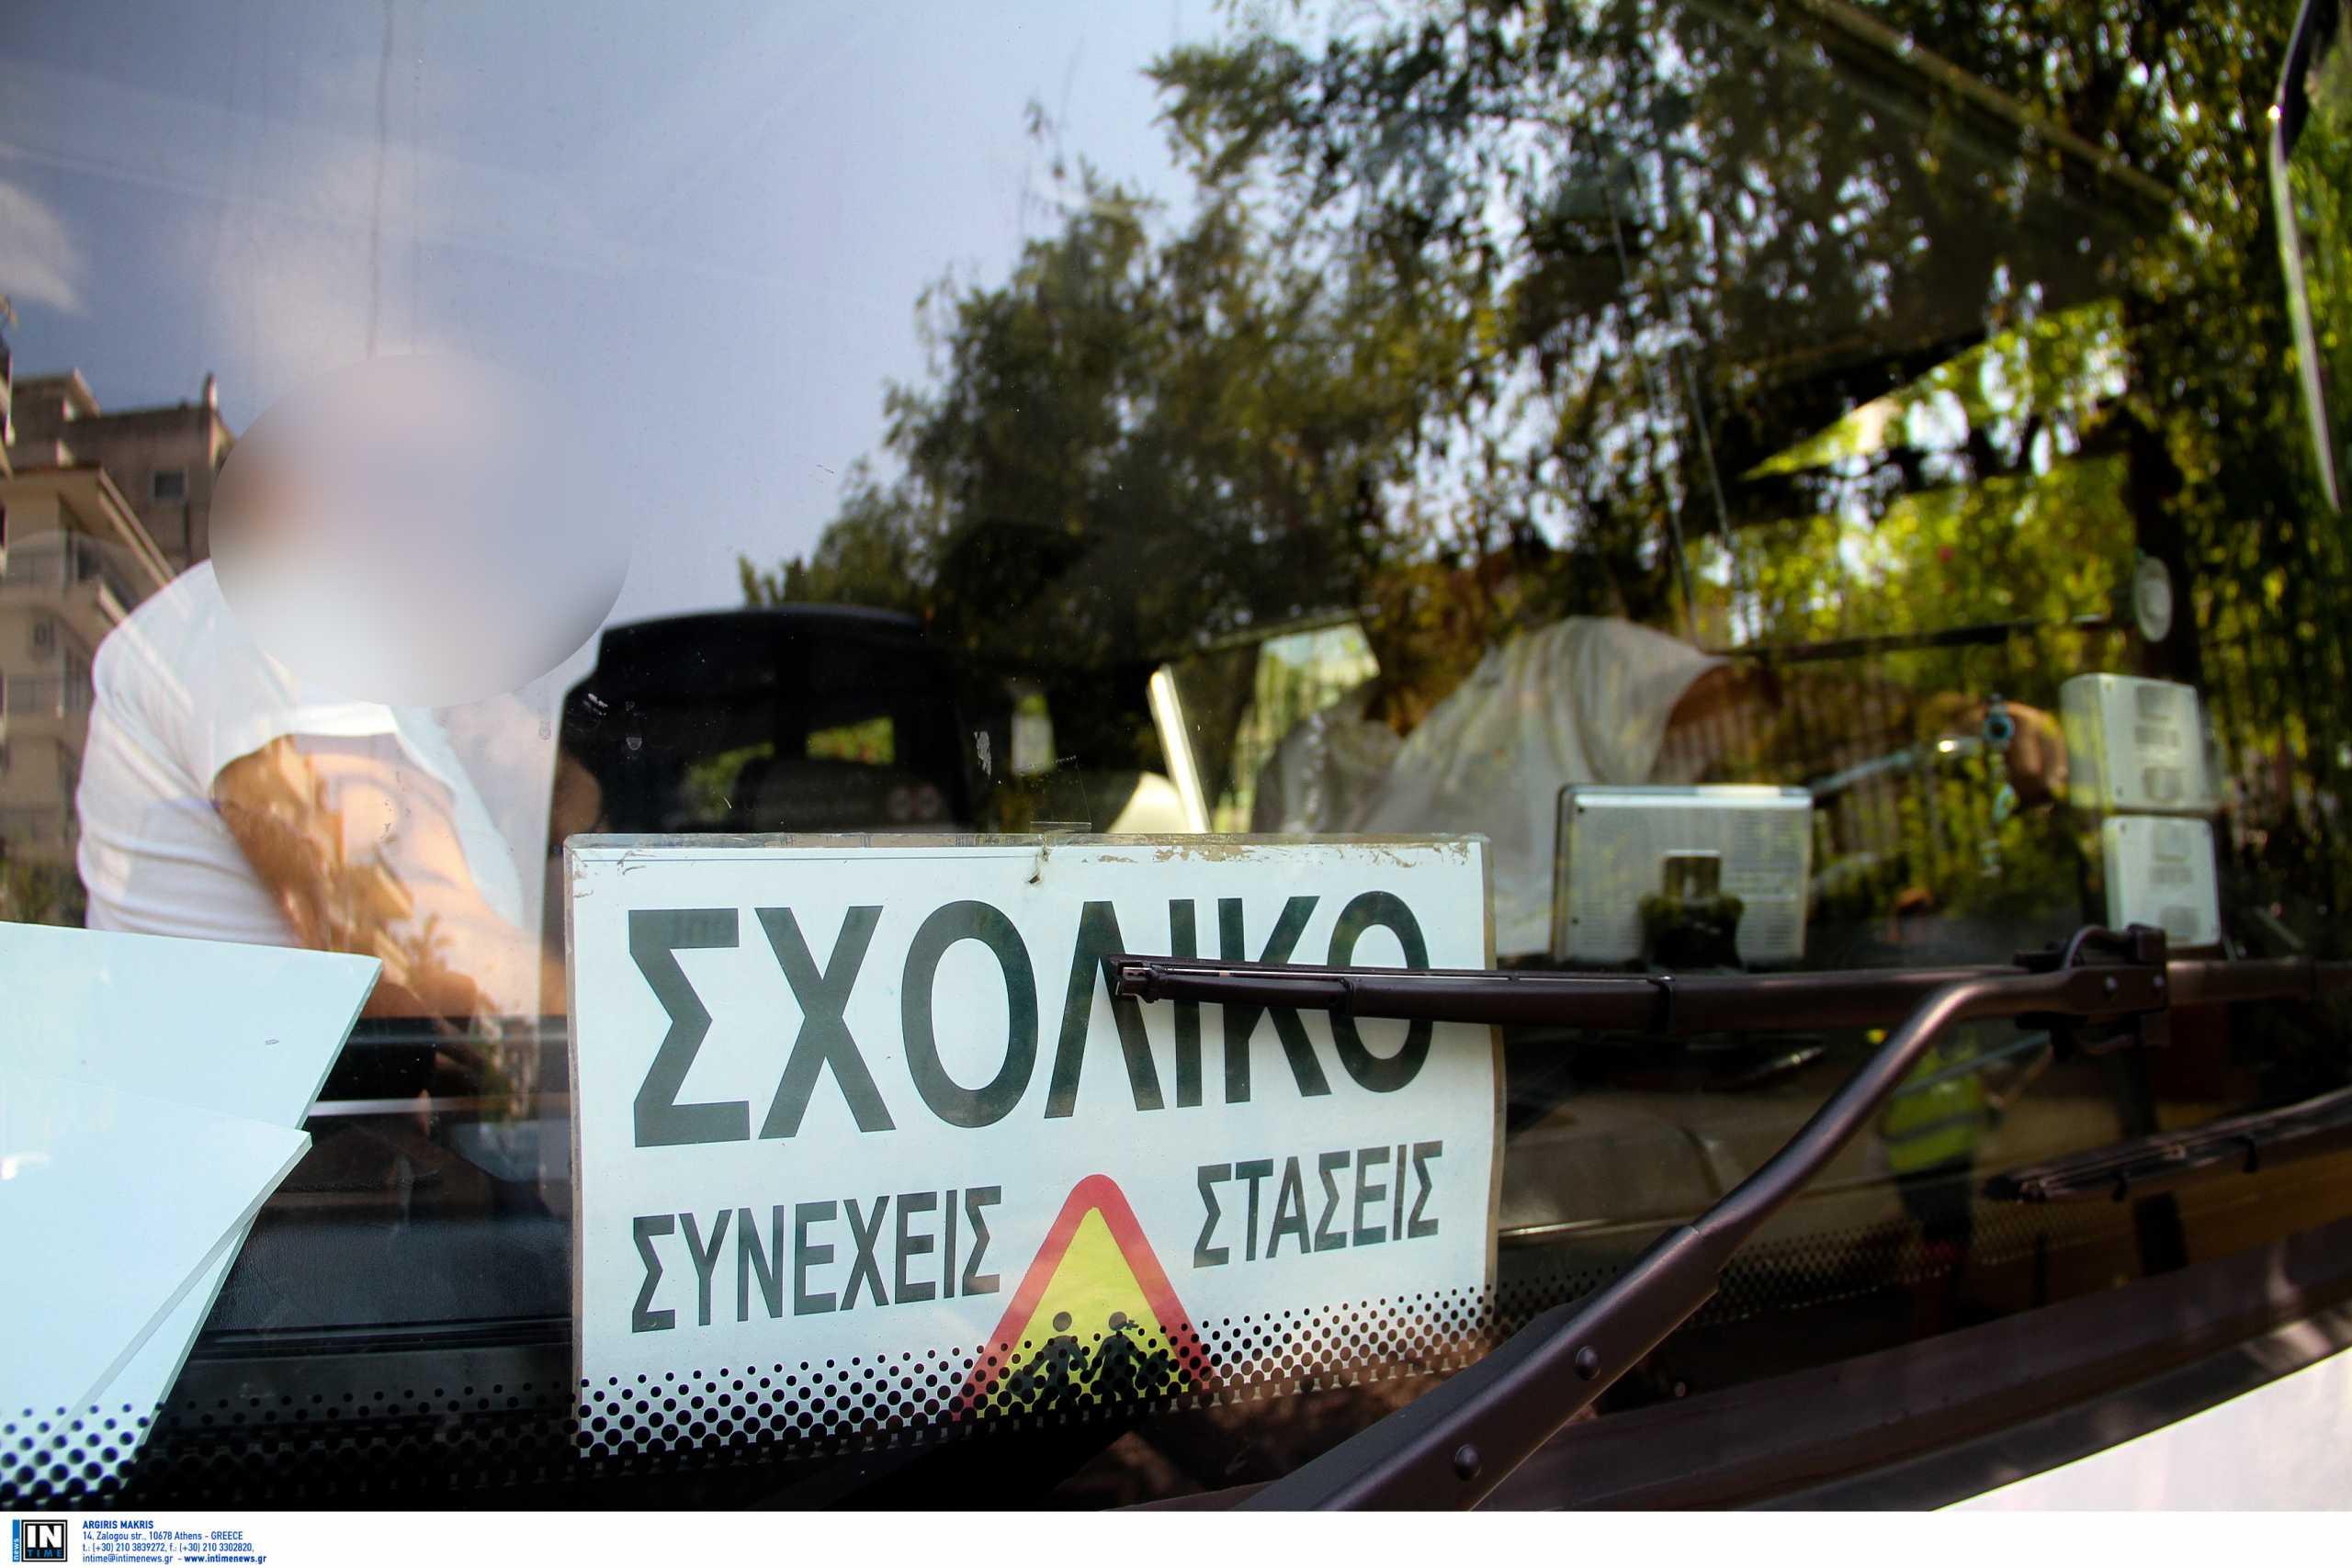 Φθιώτιδα: Έτσι «εξαφανίστηκαν» τα πρωτάκια – «Πήραν λάθος σχολικό», λέει ο διευθυντής στο newsit.gr